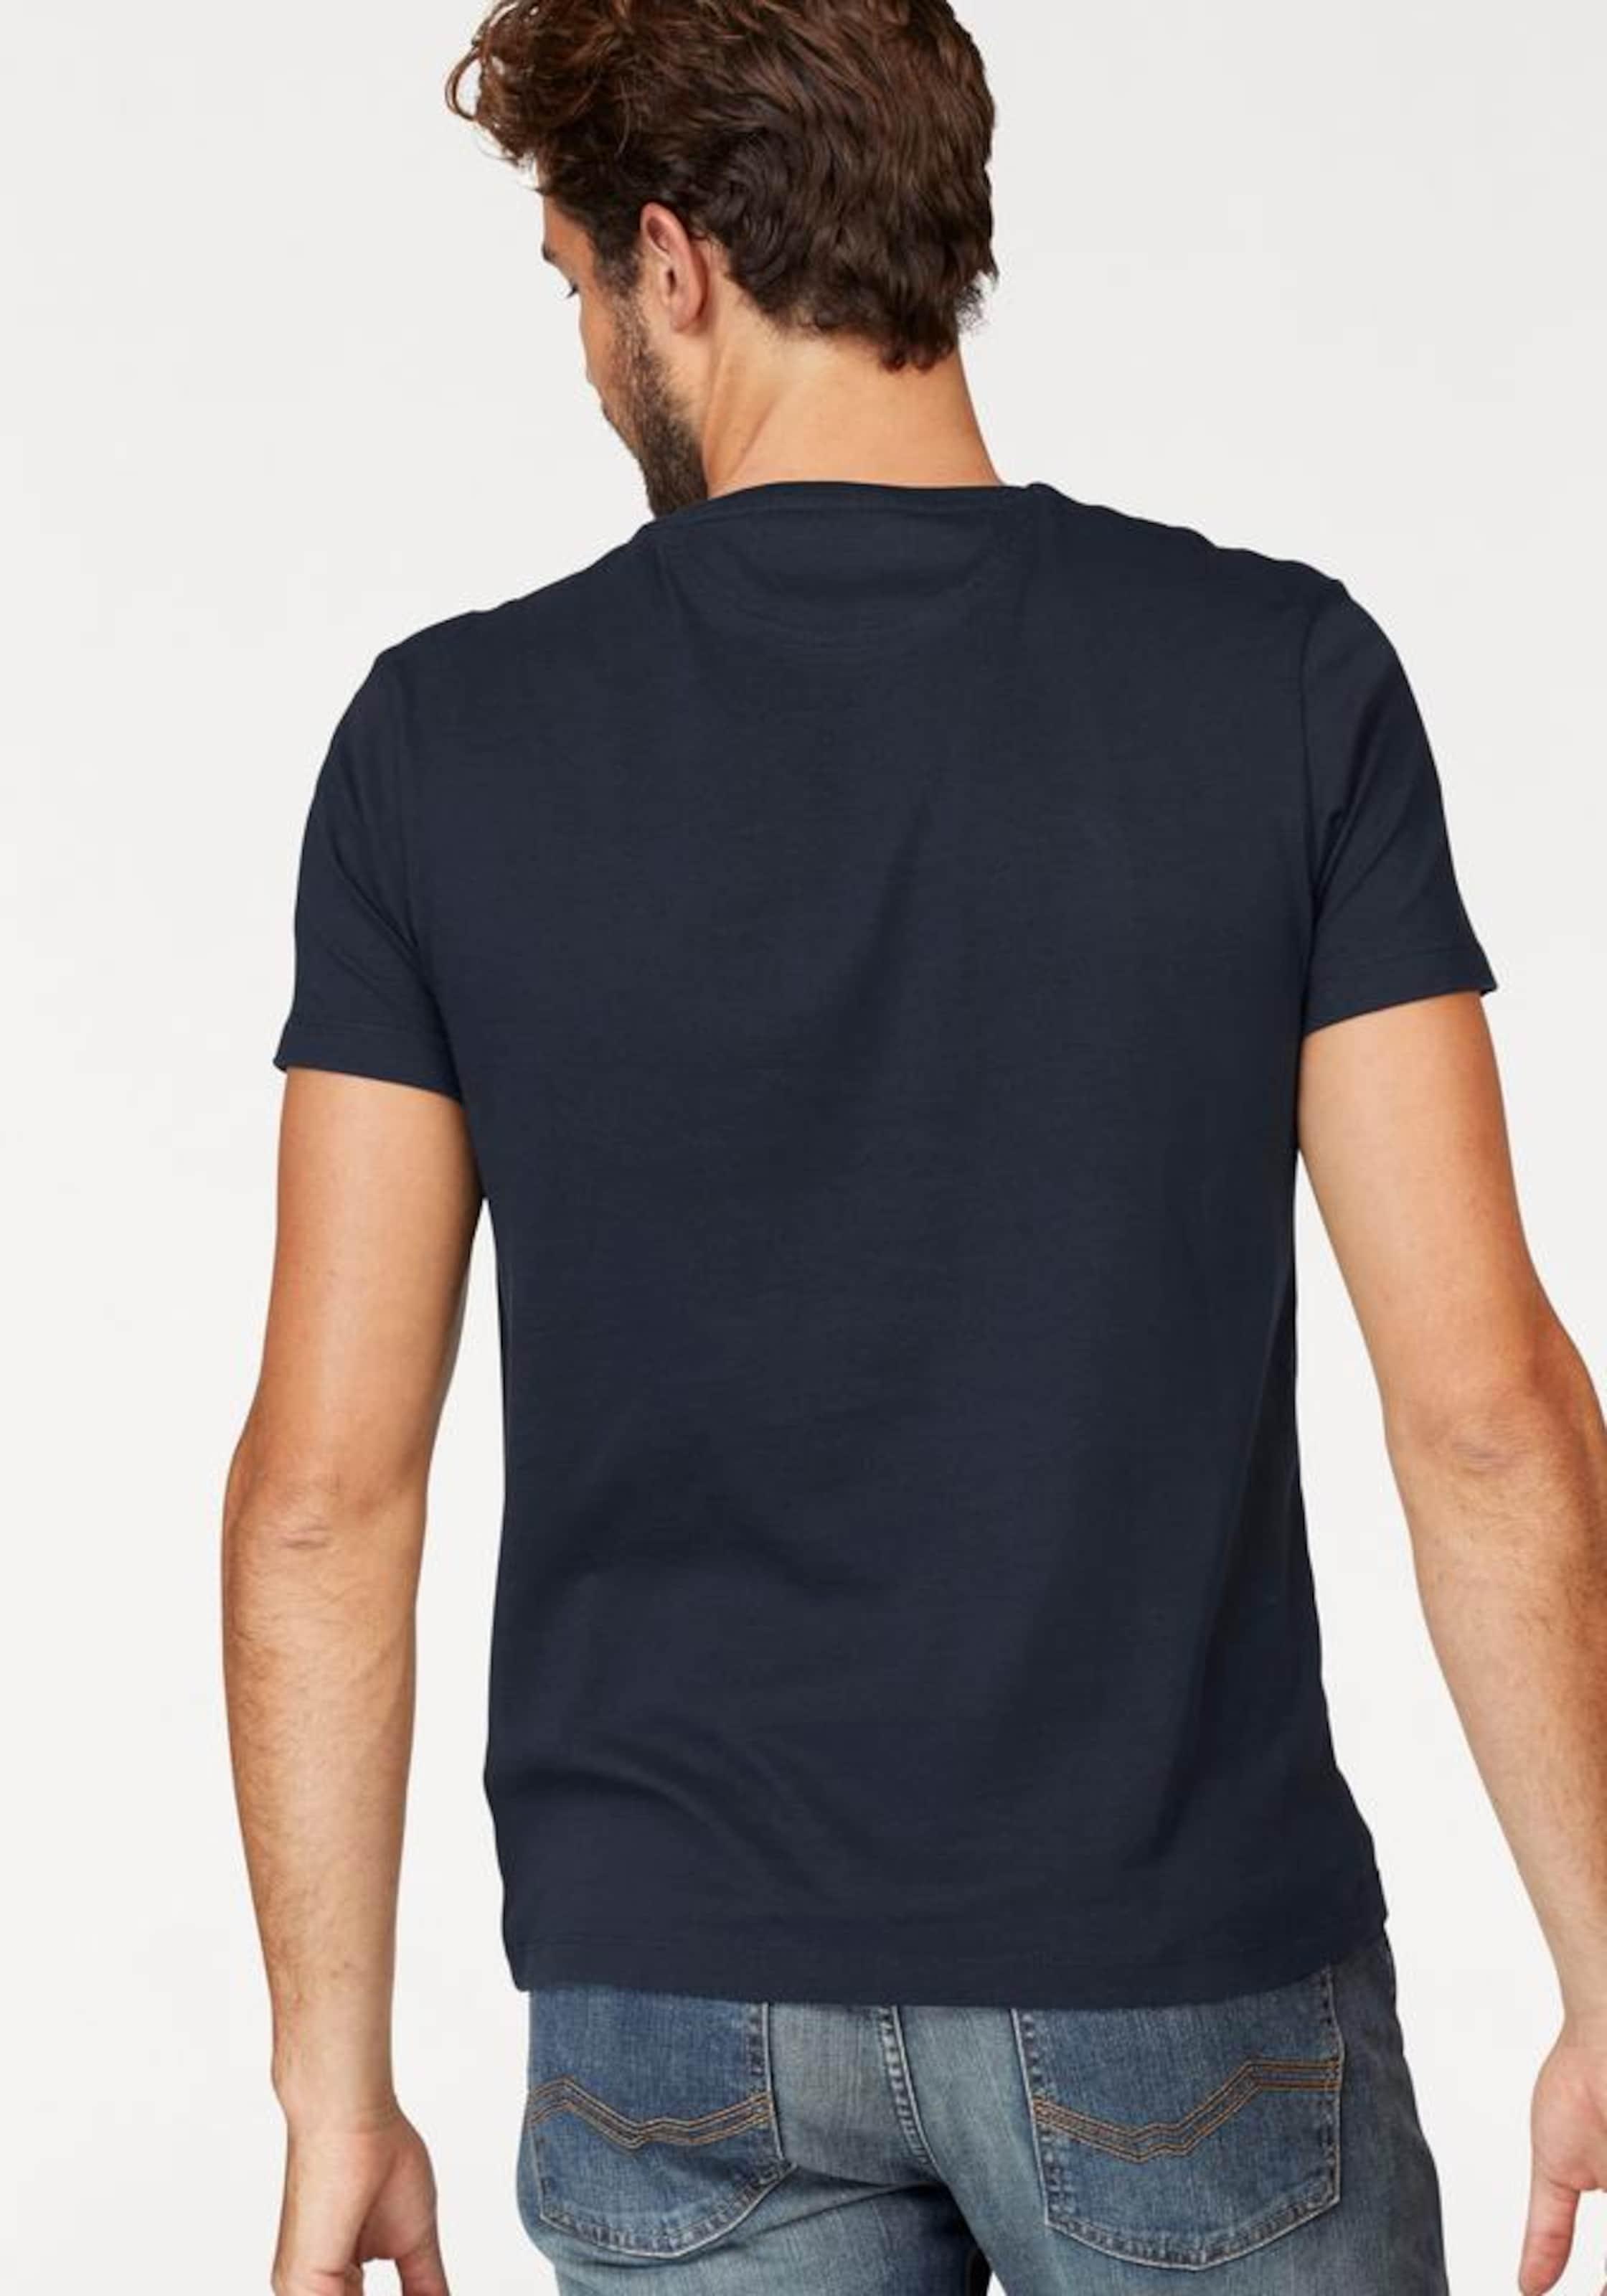 TIMBERLAND T-Shirt Freiheit Genießen Spielraum Online Amazon 6eKGlbWl